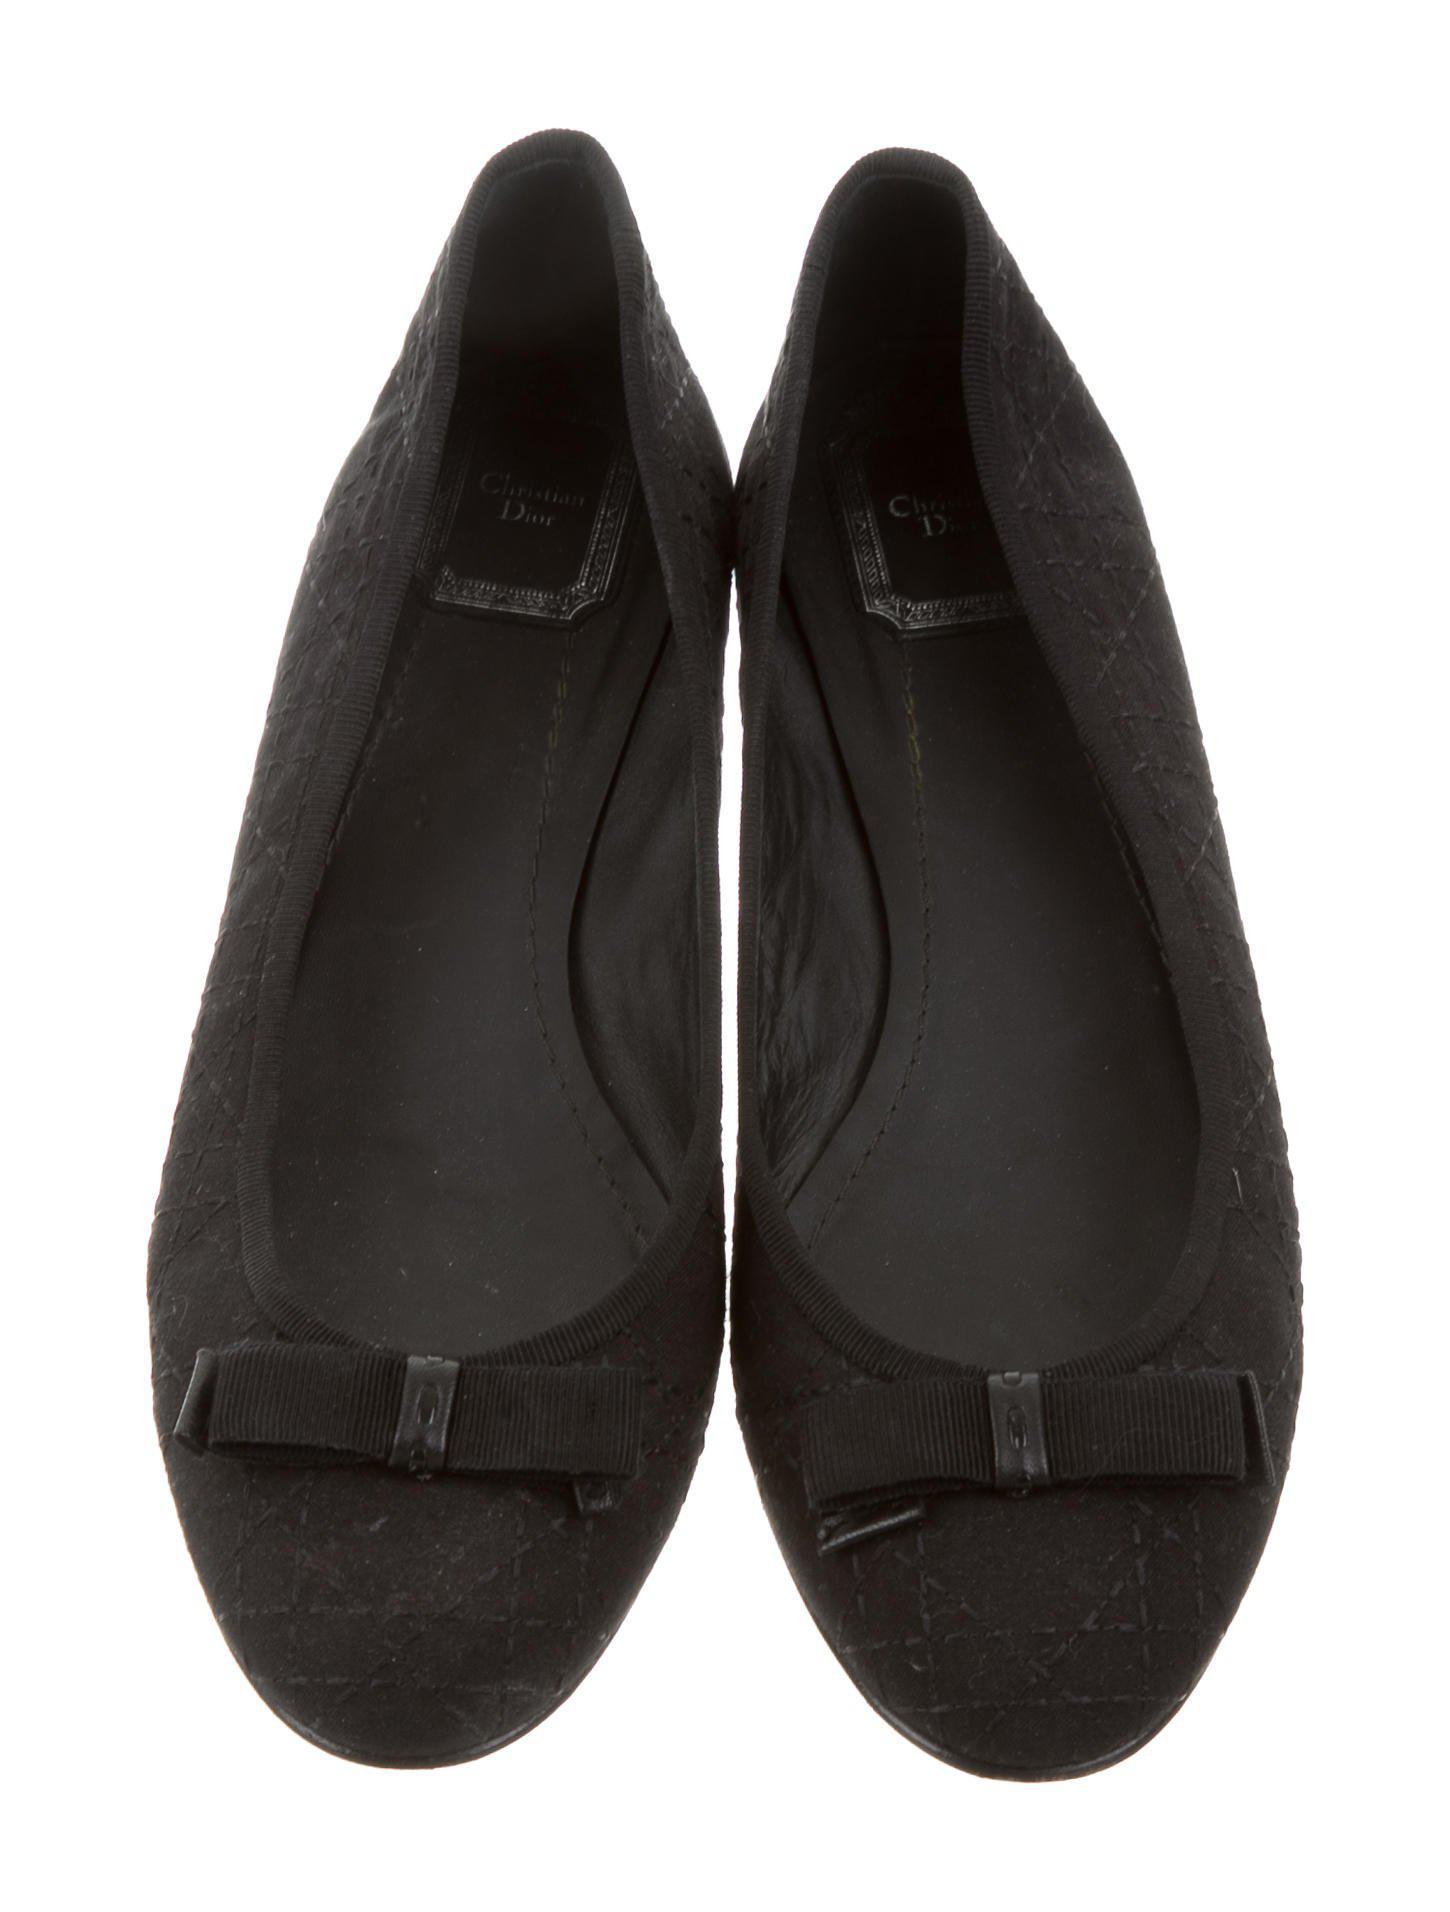 b9a8cc3fc83dd5 Lyst - Dior Woven Cannage Flats in Black